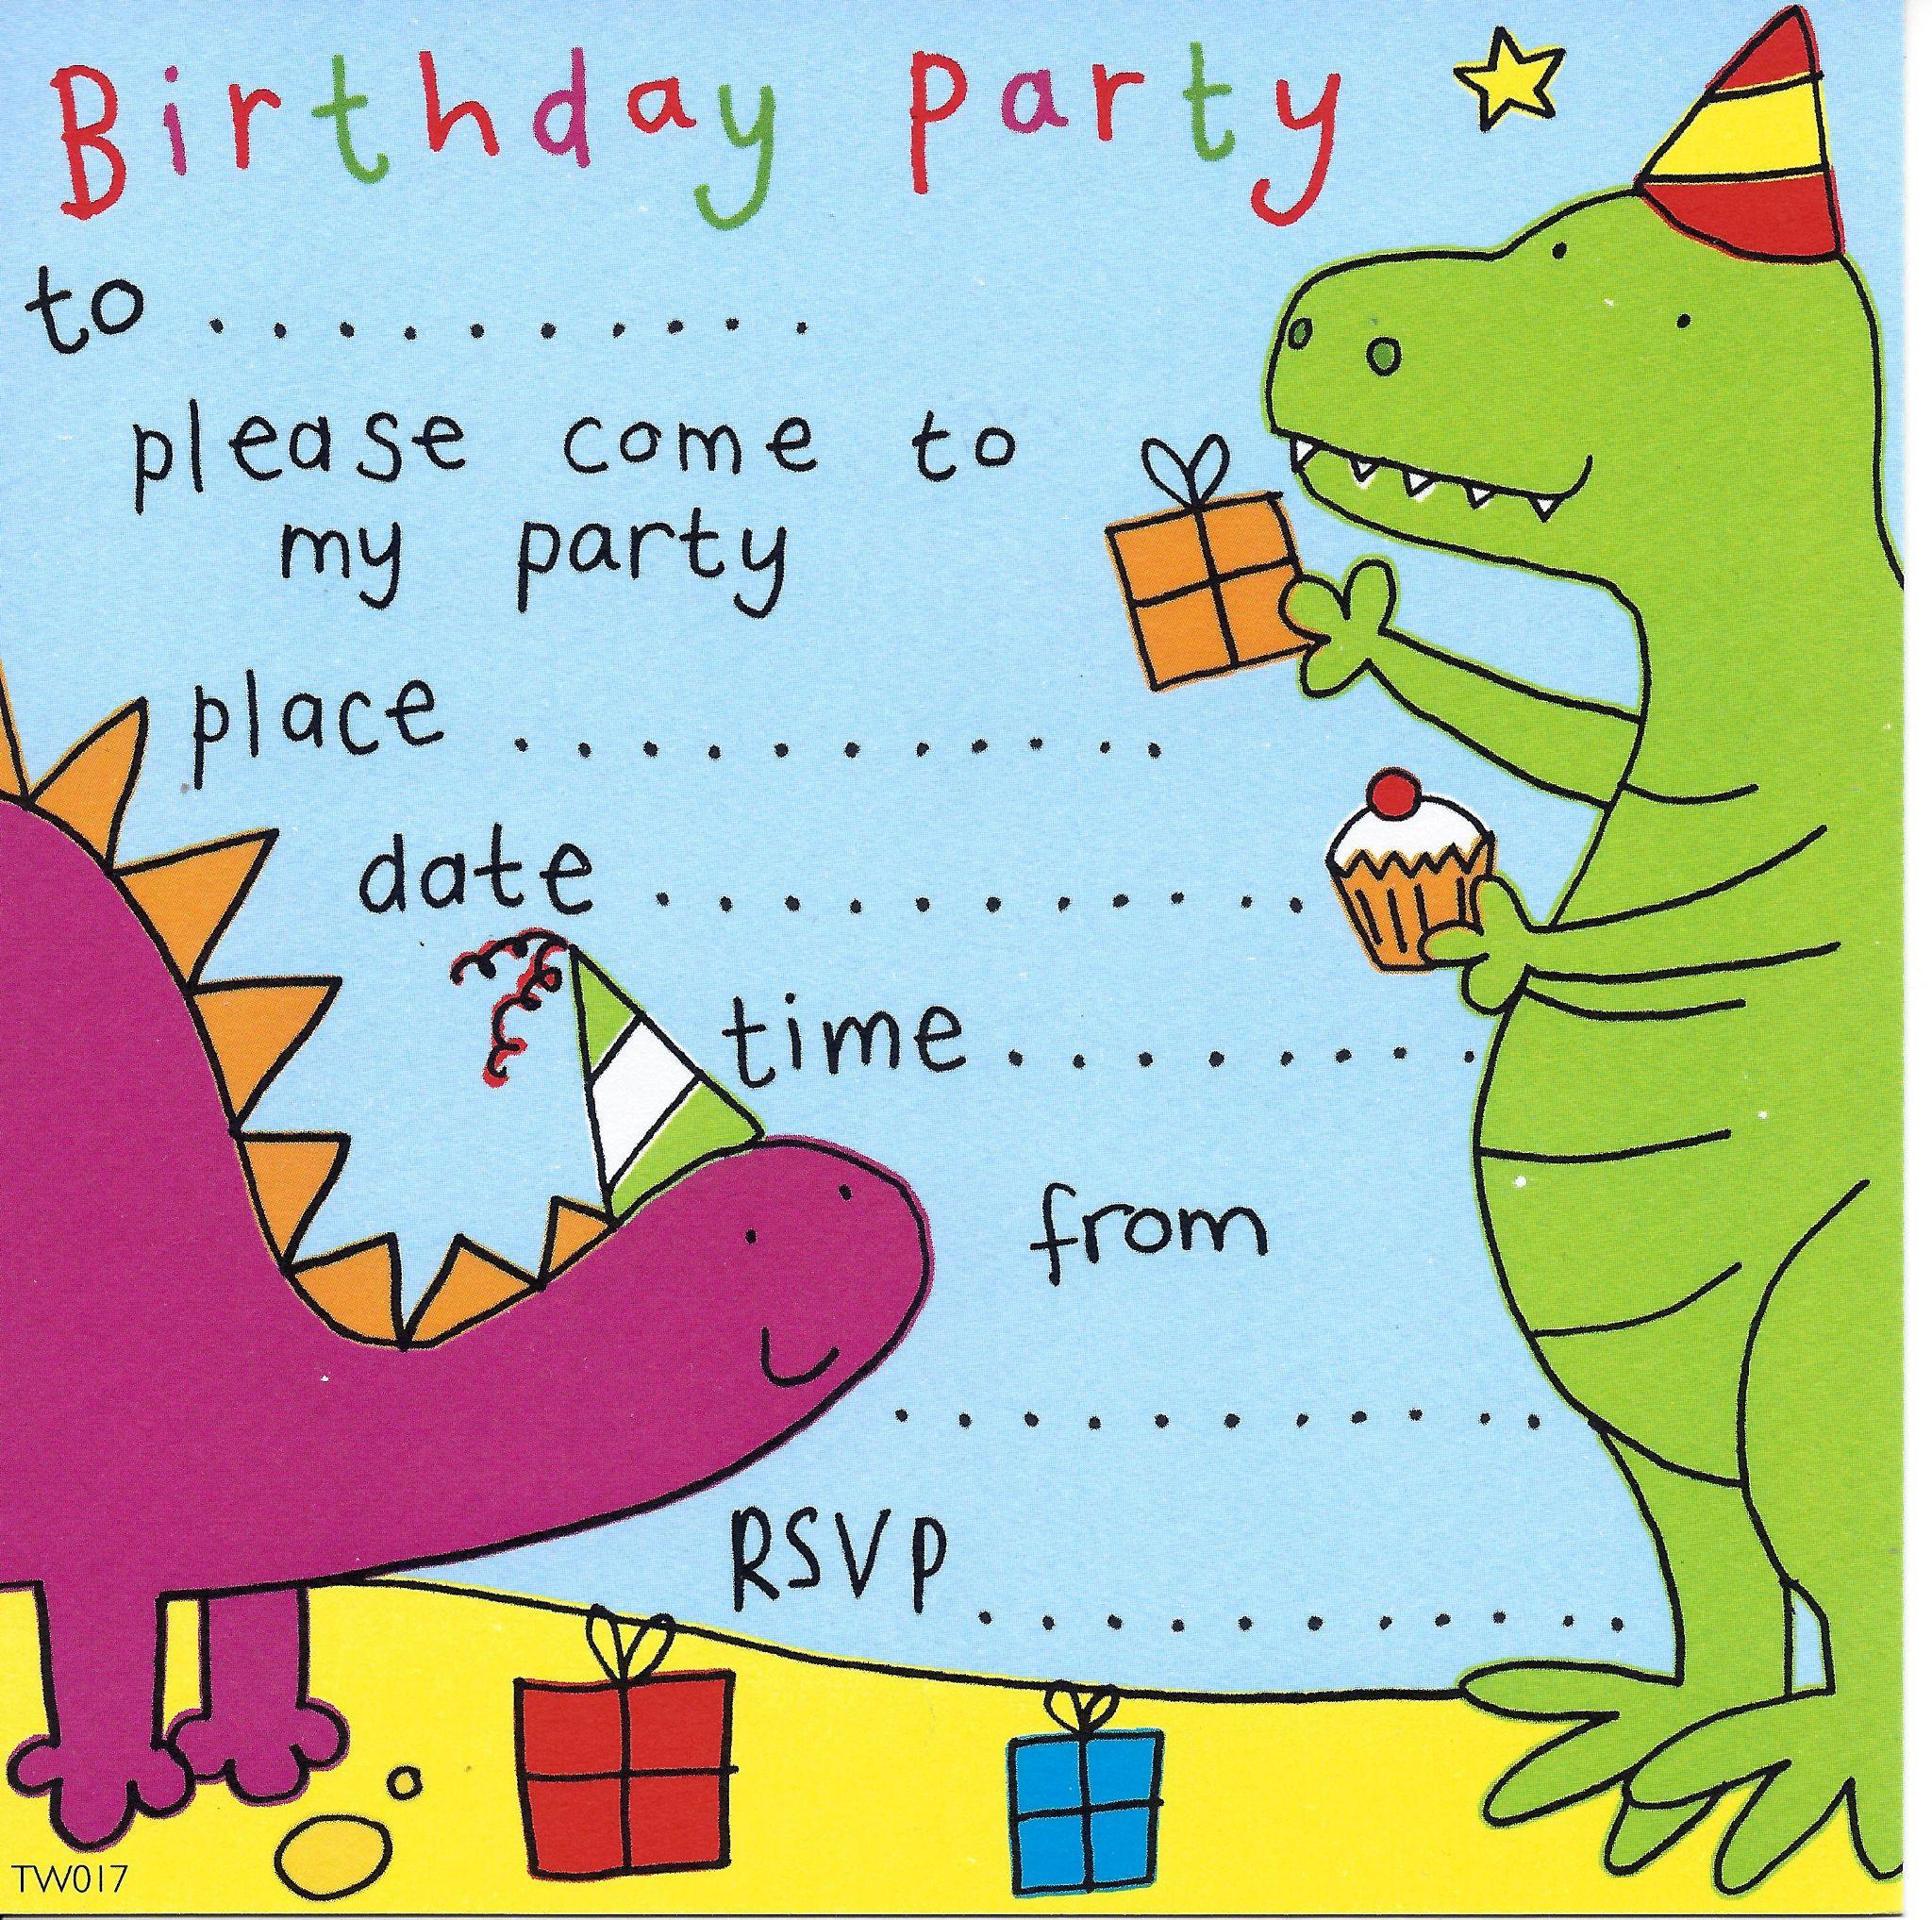 Invitation Birthday Party  party invitations birthday party invitations kids party